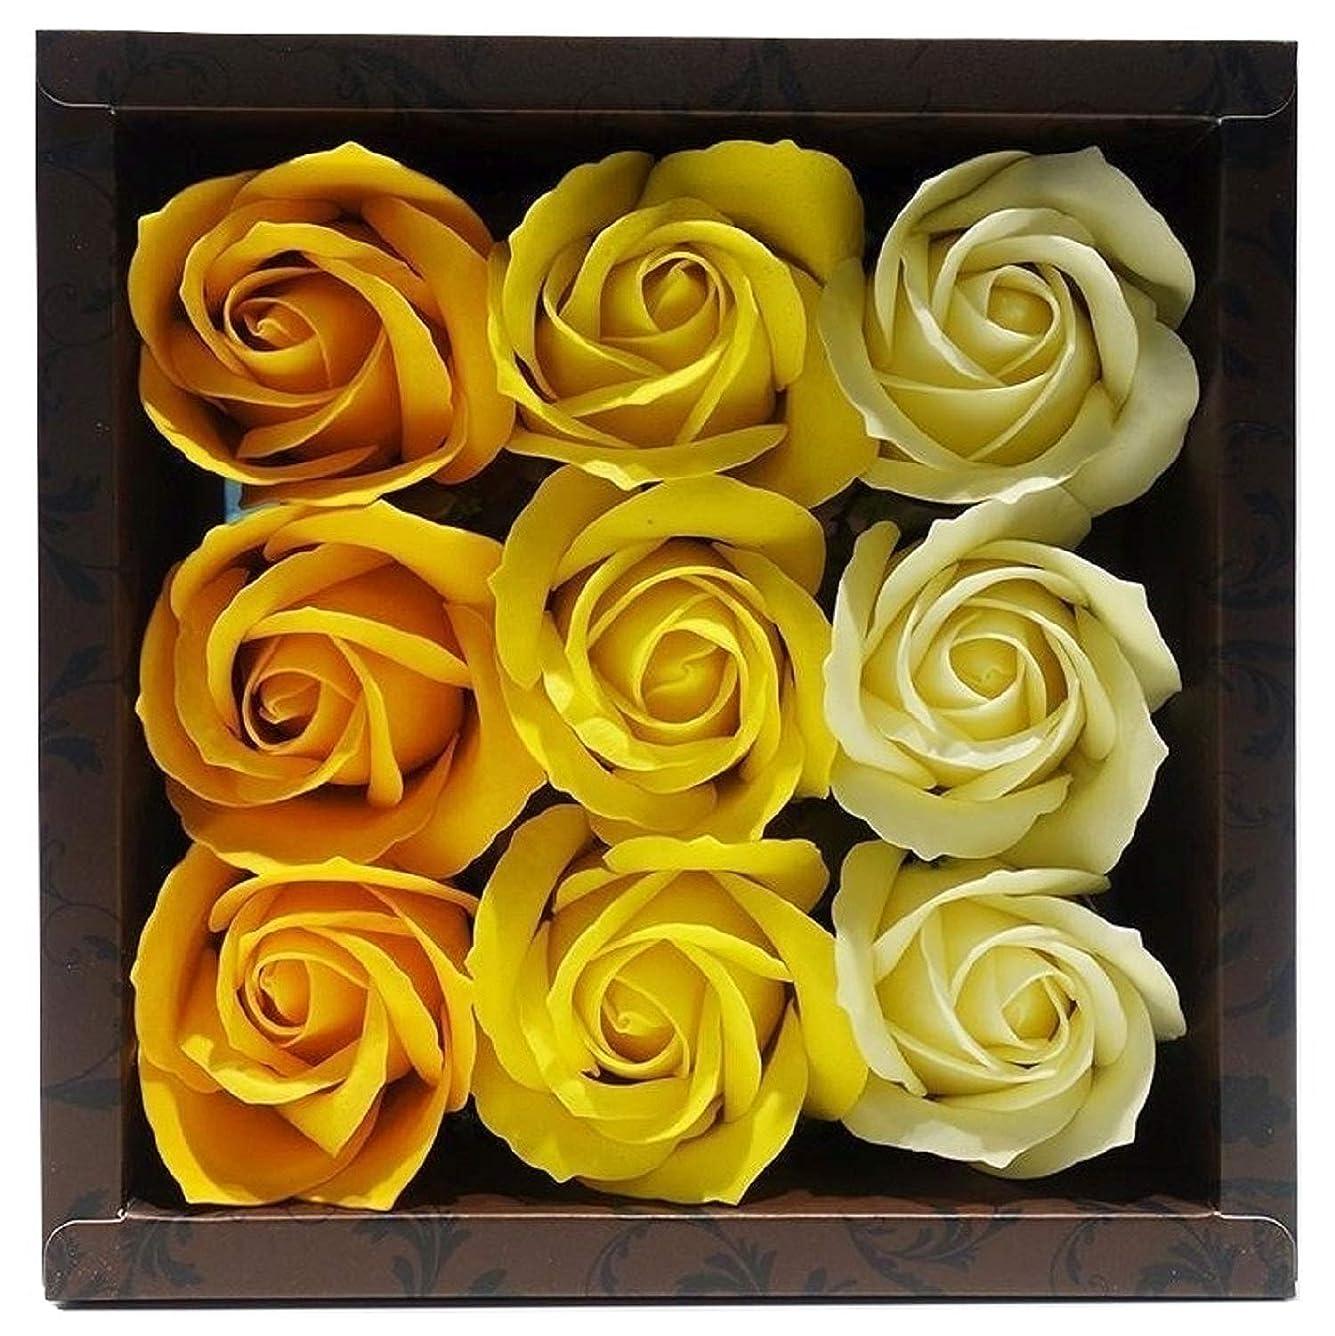 シャーロックホームズ区別するトーストバスフレグランス バスフラワー ローズフレグランス イエローカラー ギフト お花の形の入浴剤